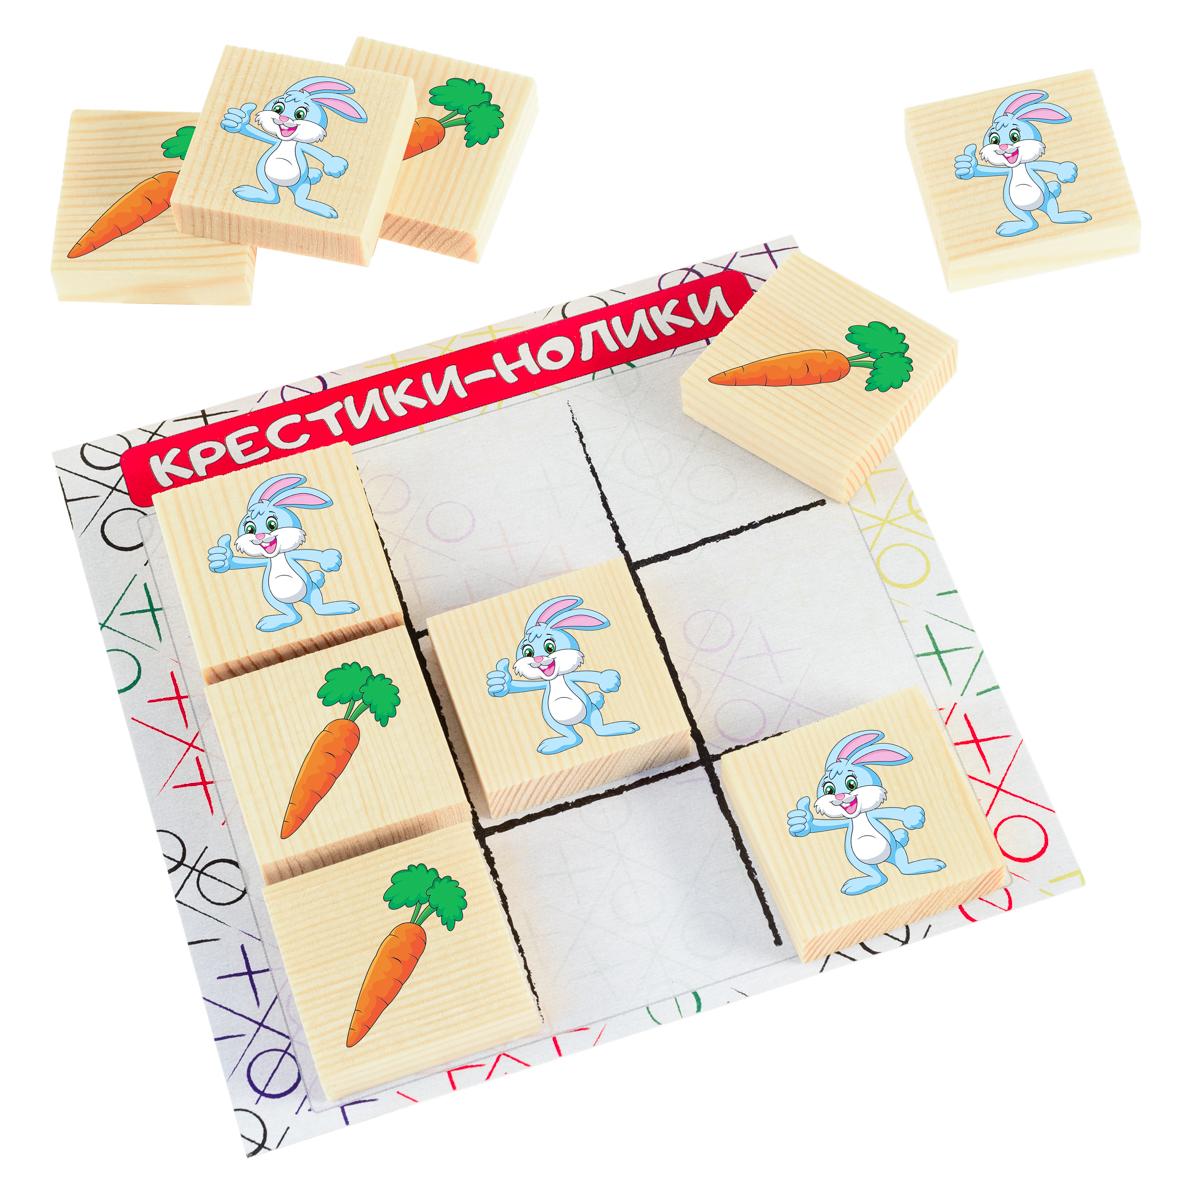 Развивающие деревянные игрушки Обучающая игра Крестики-нолики Зайчик и морковкаД523аРазвивающая игра КРЕСТИКИ-НОЛИКИ ЗАЙЧИК и МОРКОВКА для детей производится из экологичного материала — натурального дерева. Фишки большого размера — 10х35х35 мм — прекрасно подойдут даже для самых маленьких игроков. Малышу удобно держать такую фишку. Рисунки на ней — яркие и большие. С этой игрушкой можно играть не только дома, но и эффективно использовать для занятий в детском саду. Играя, ребёнок развивает целый спектр навыков: моторику, логику, воображение, а также изучает окружающий мир, счёт и цвета. В наборе КРЕСТИКИ-НОЛИКИ ЗАЙЧИК и МОРКОВКА вместо традиционных крестика и нолика на поле соревнуются веселый зайчик и его любимое лакомство - сочная морковка. ВНИМАНИЕ! Детали игрушки выполнены из натурального дерева (деревоматериала) без покрытия лаками или другими химическими составами. Перед использованием удалите остатки древесины и древесную пыль, тщательно протерев детали игрушки мягкой тканью!